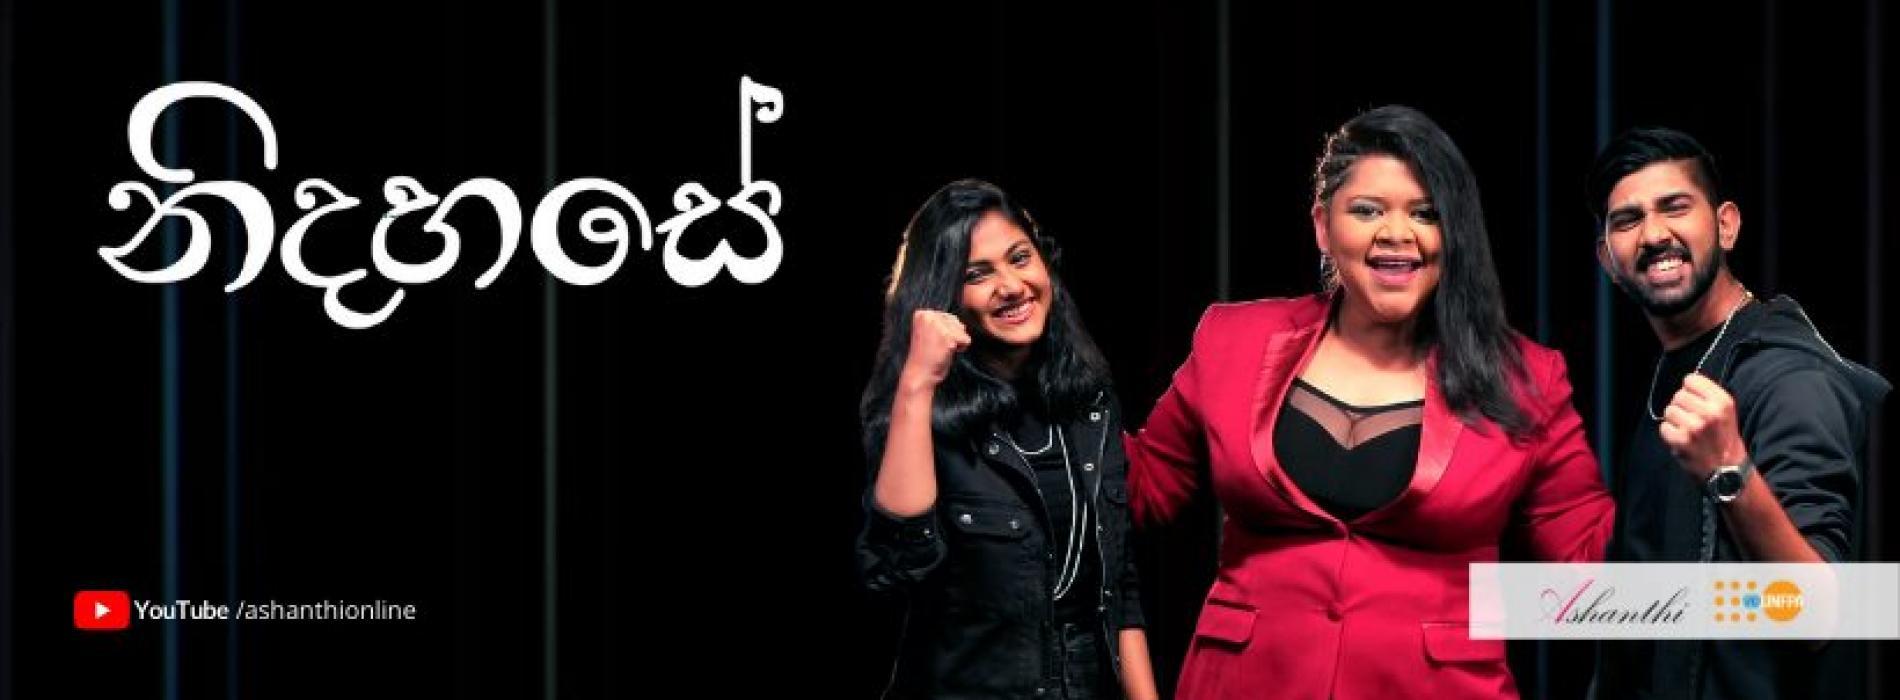 New Music : Nidahase (නිදහසේ)   Ashanthi Ft Madhuvy & Shemil   Official Music Video